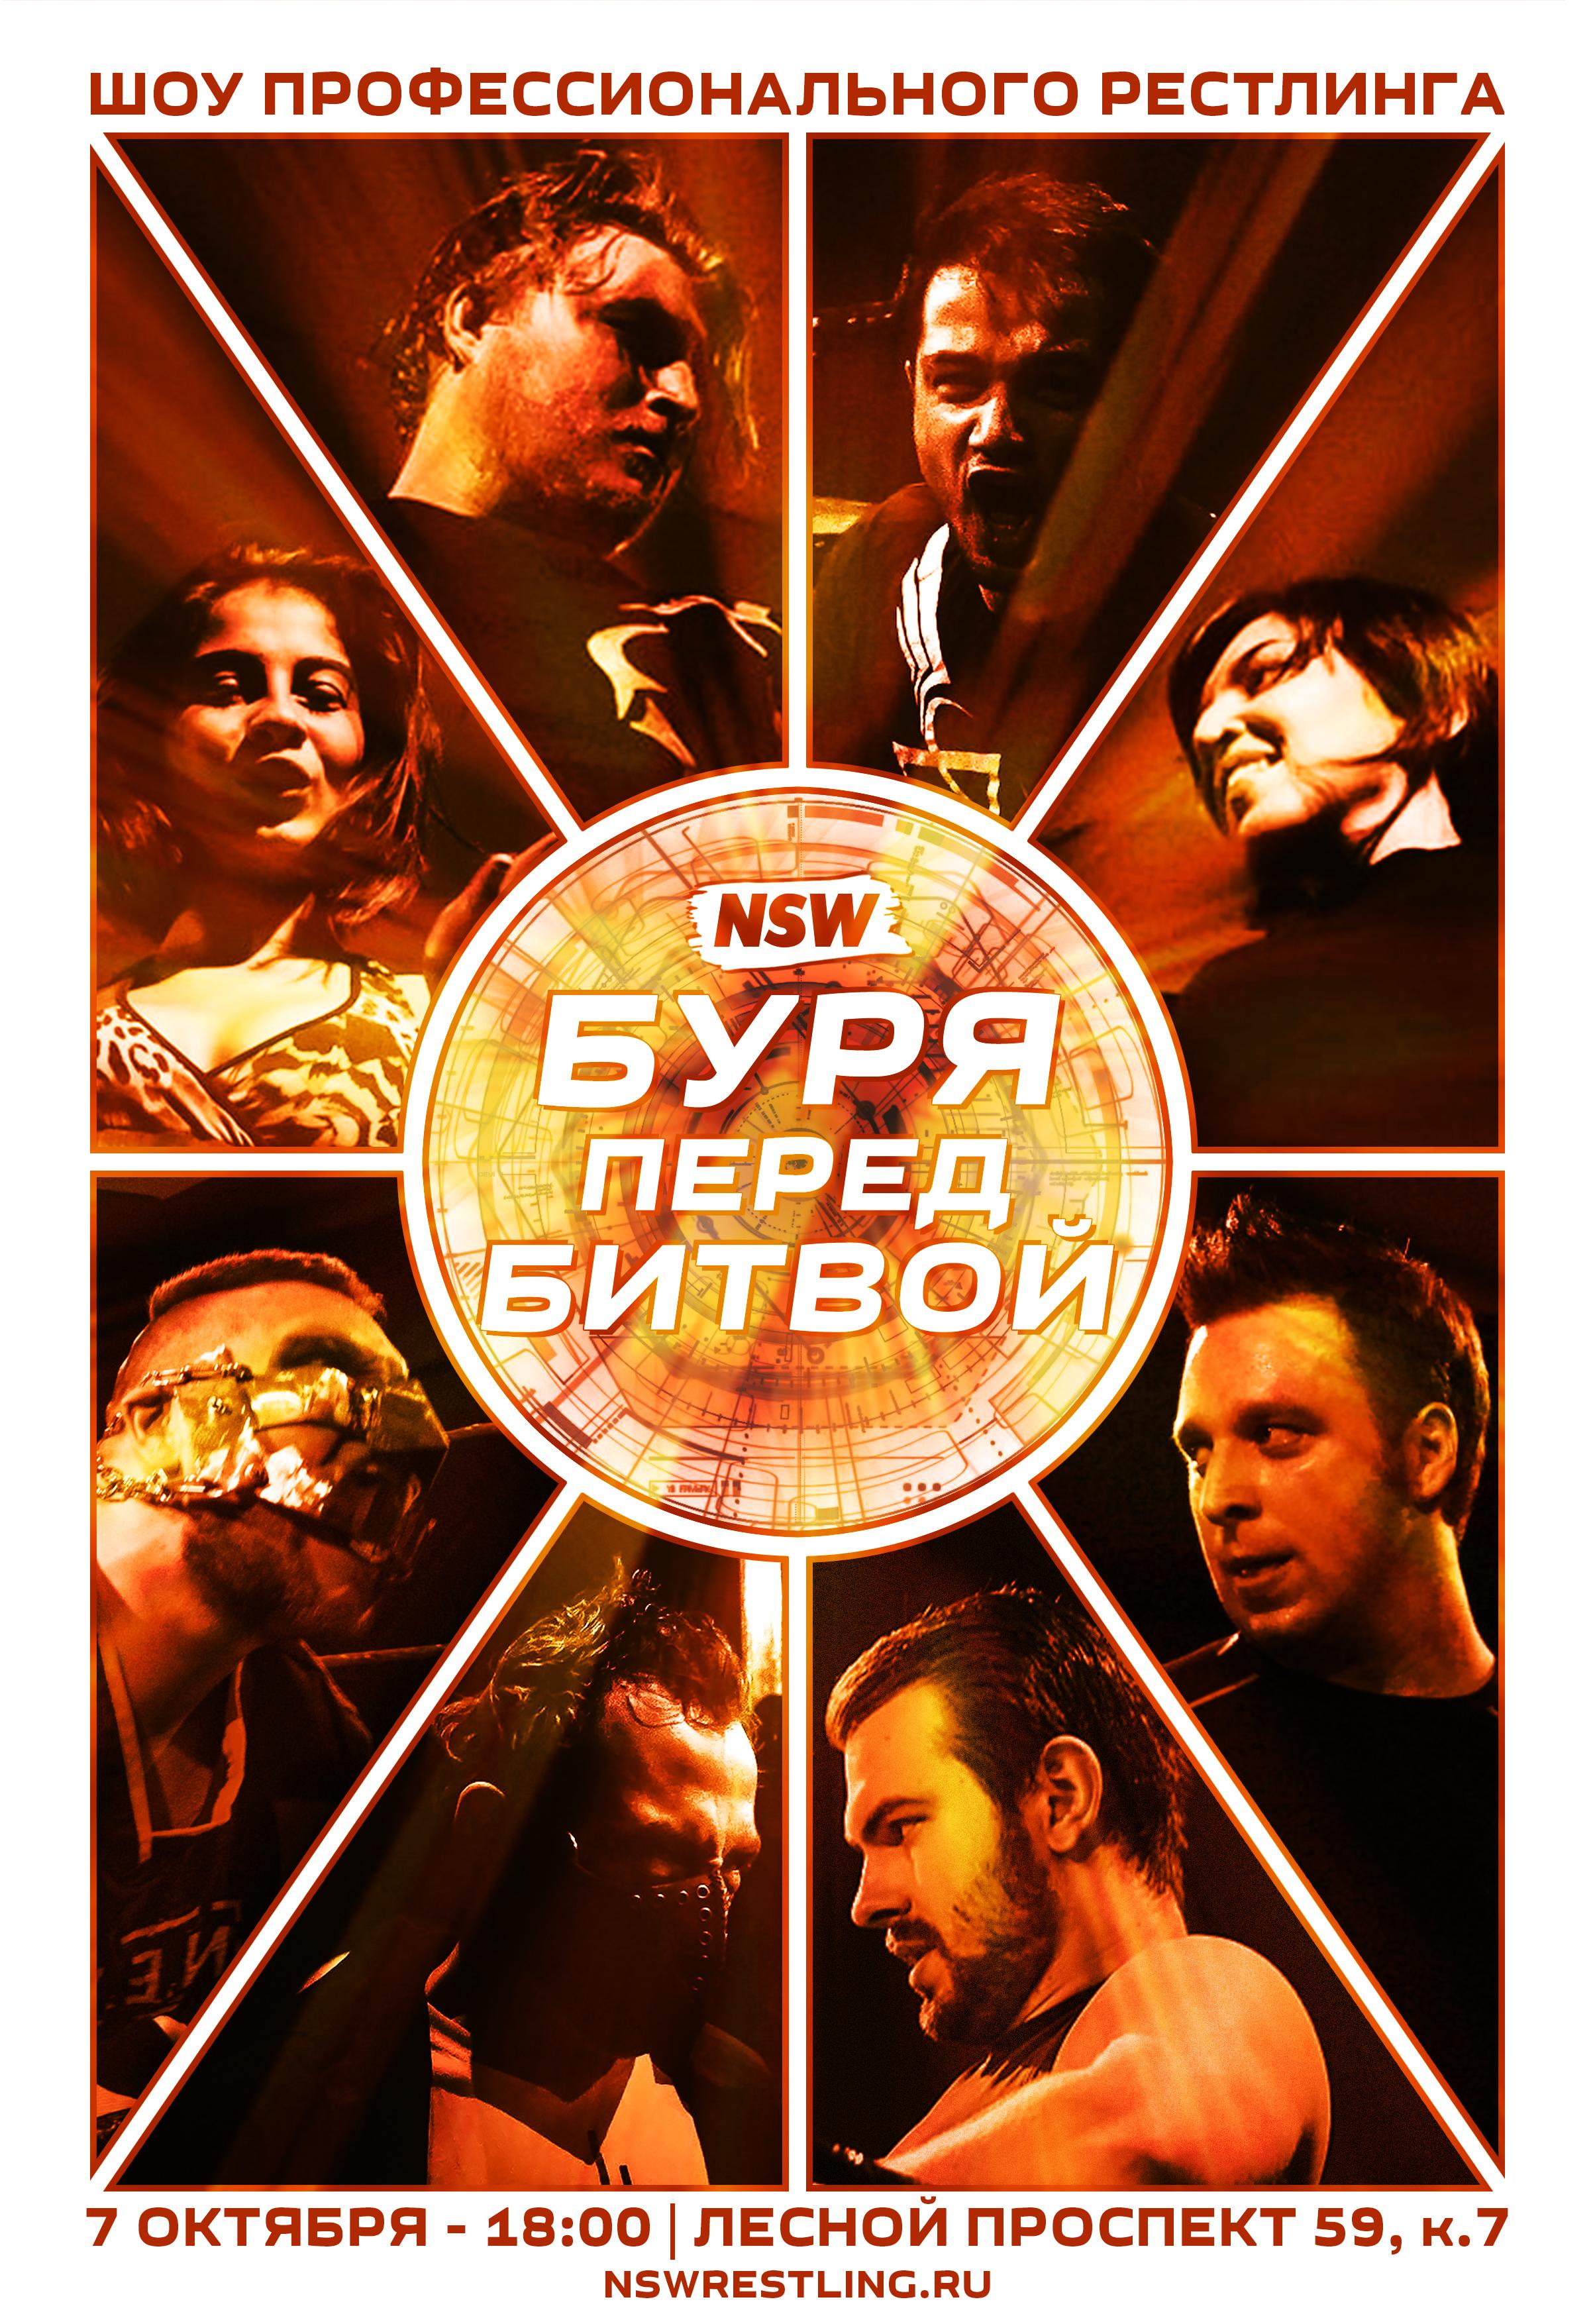 Постер NSW Буря Перед Битвой